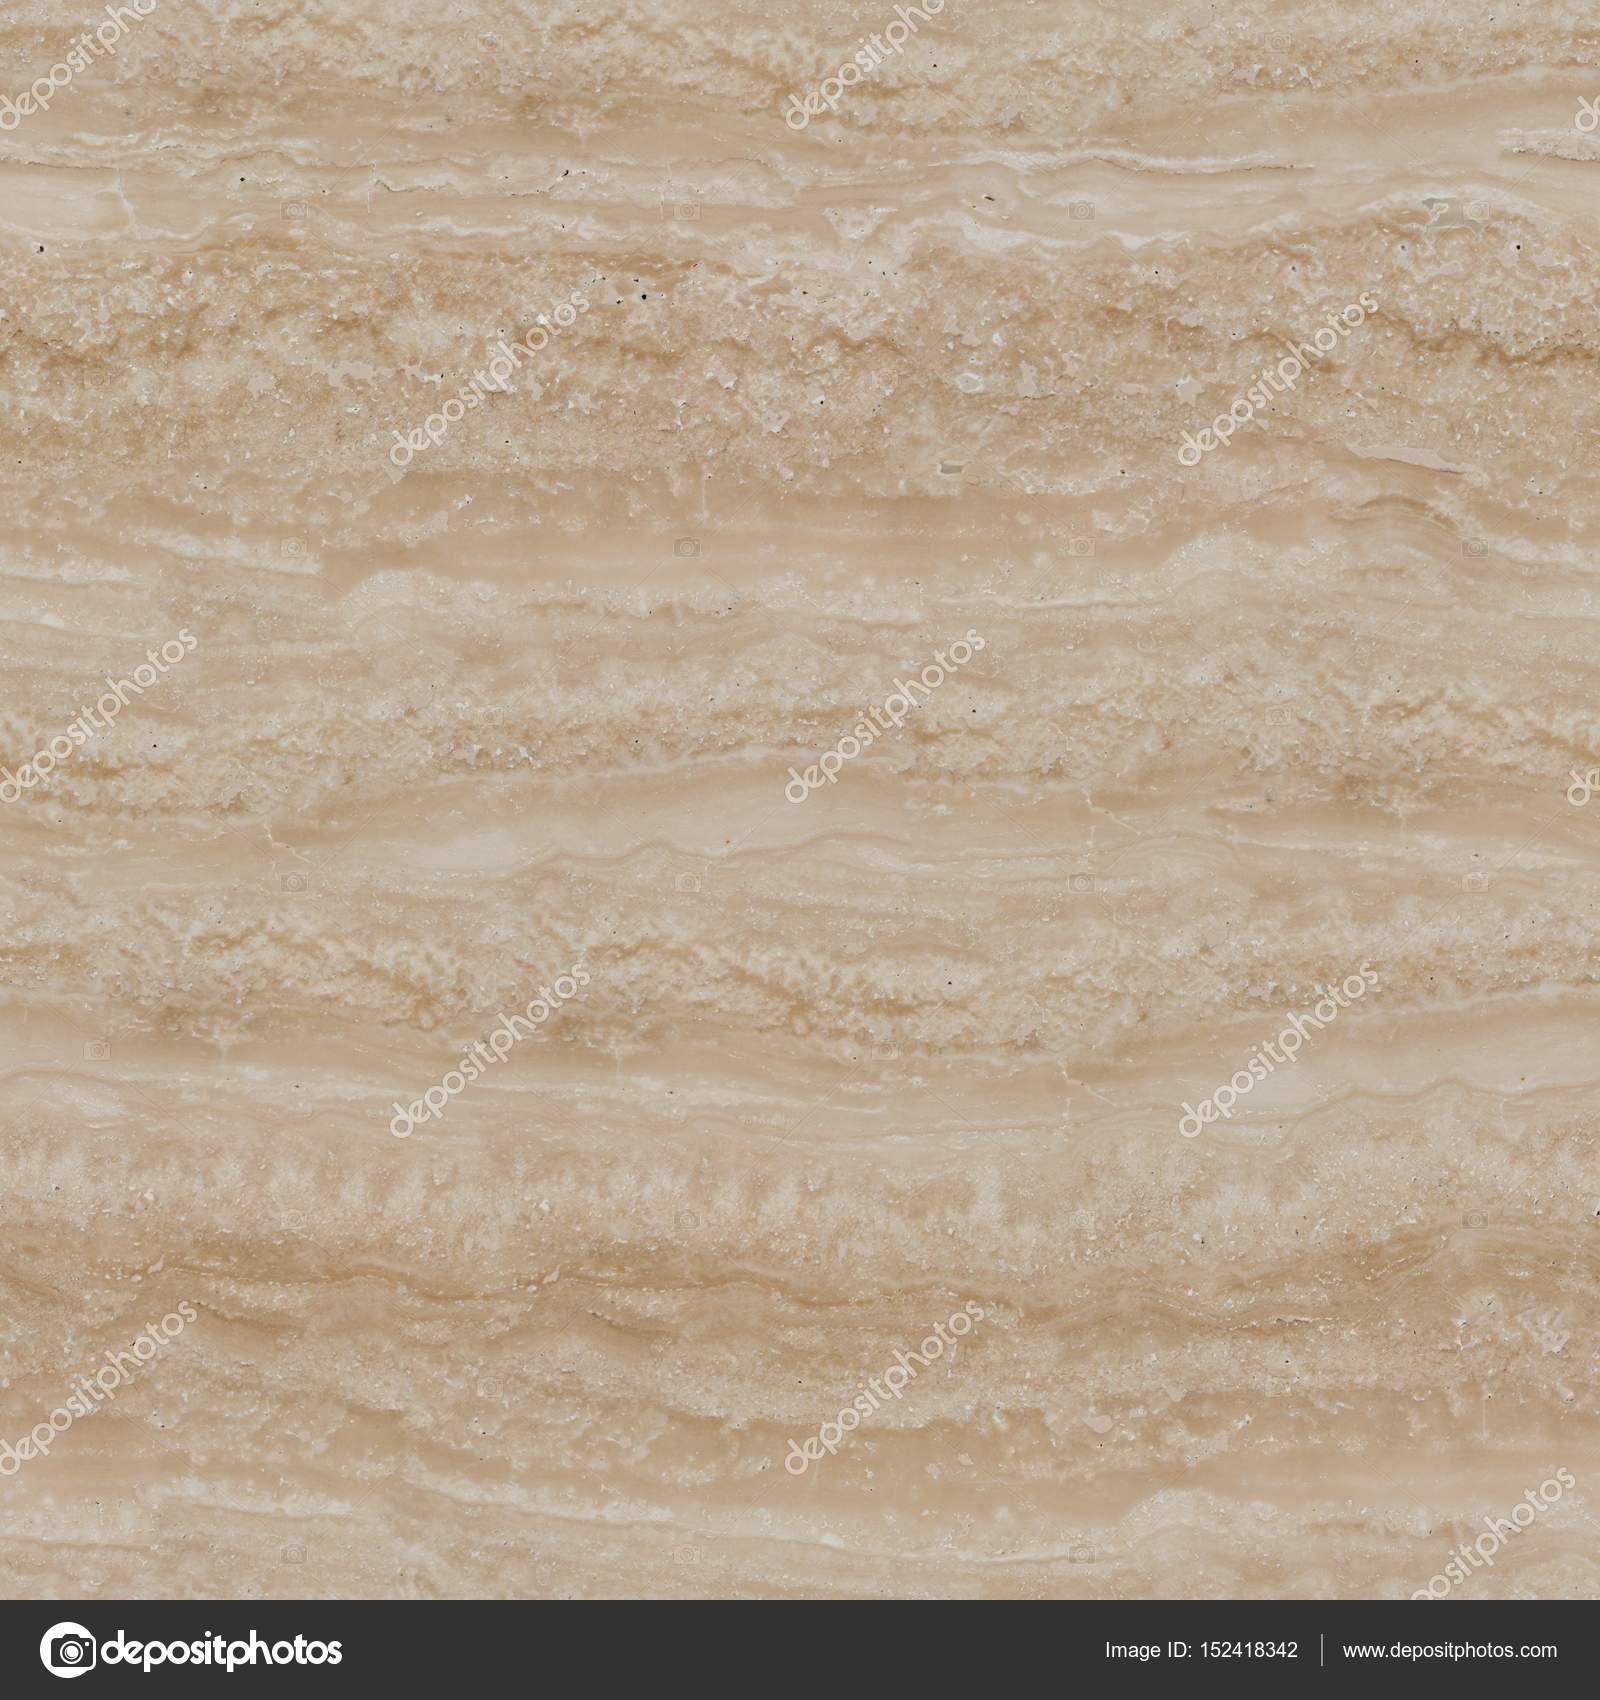 Travertine Seamless Texture Beige Marble Travertine Texture Seamless Square Background Til Stock Photo C Yamabikay 152418342